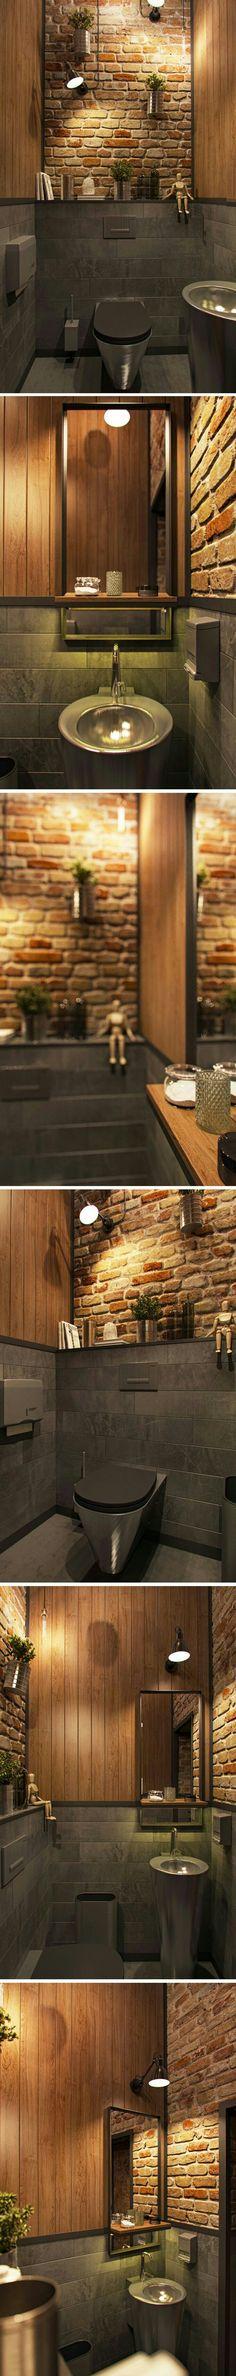 Banheiro | Bathroom | Lavabo | rustico com tijolo aparente